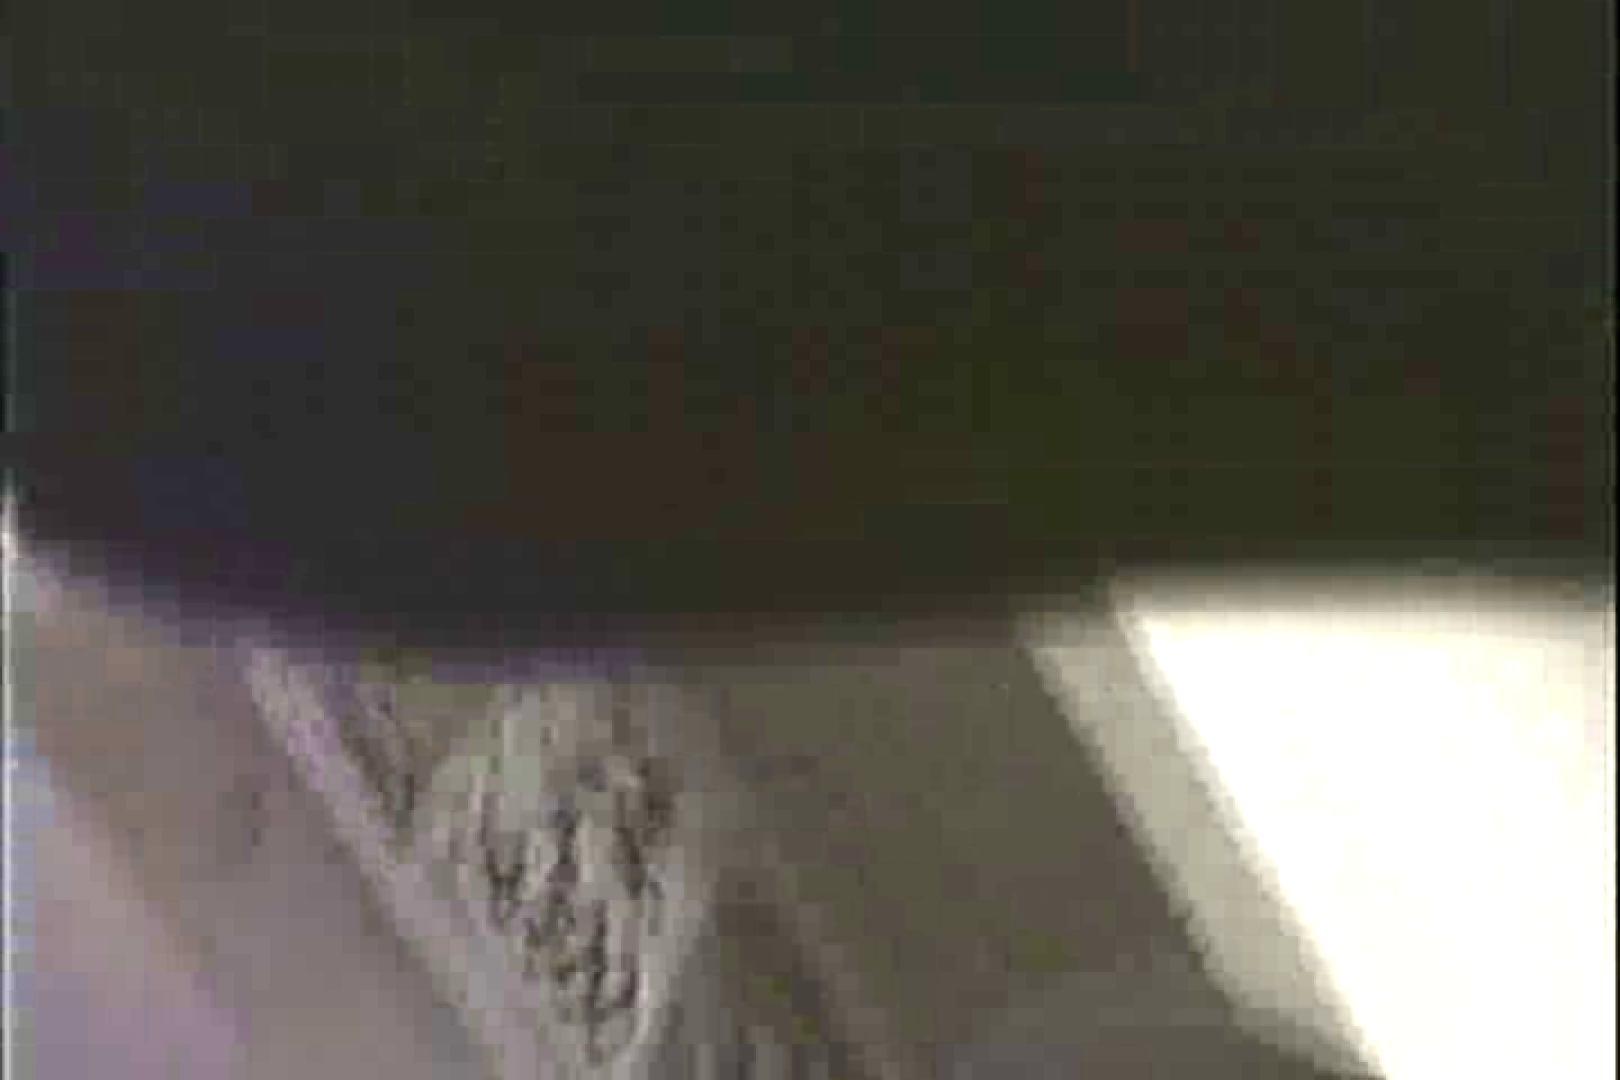 「ちくりん」さんのオリジナル未編集パンチラVol.3_01 レースクイーン 盗撮AV動画キャプチャ 100画像 65